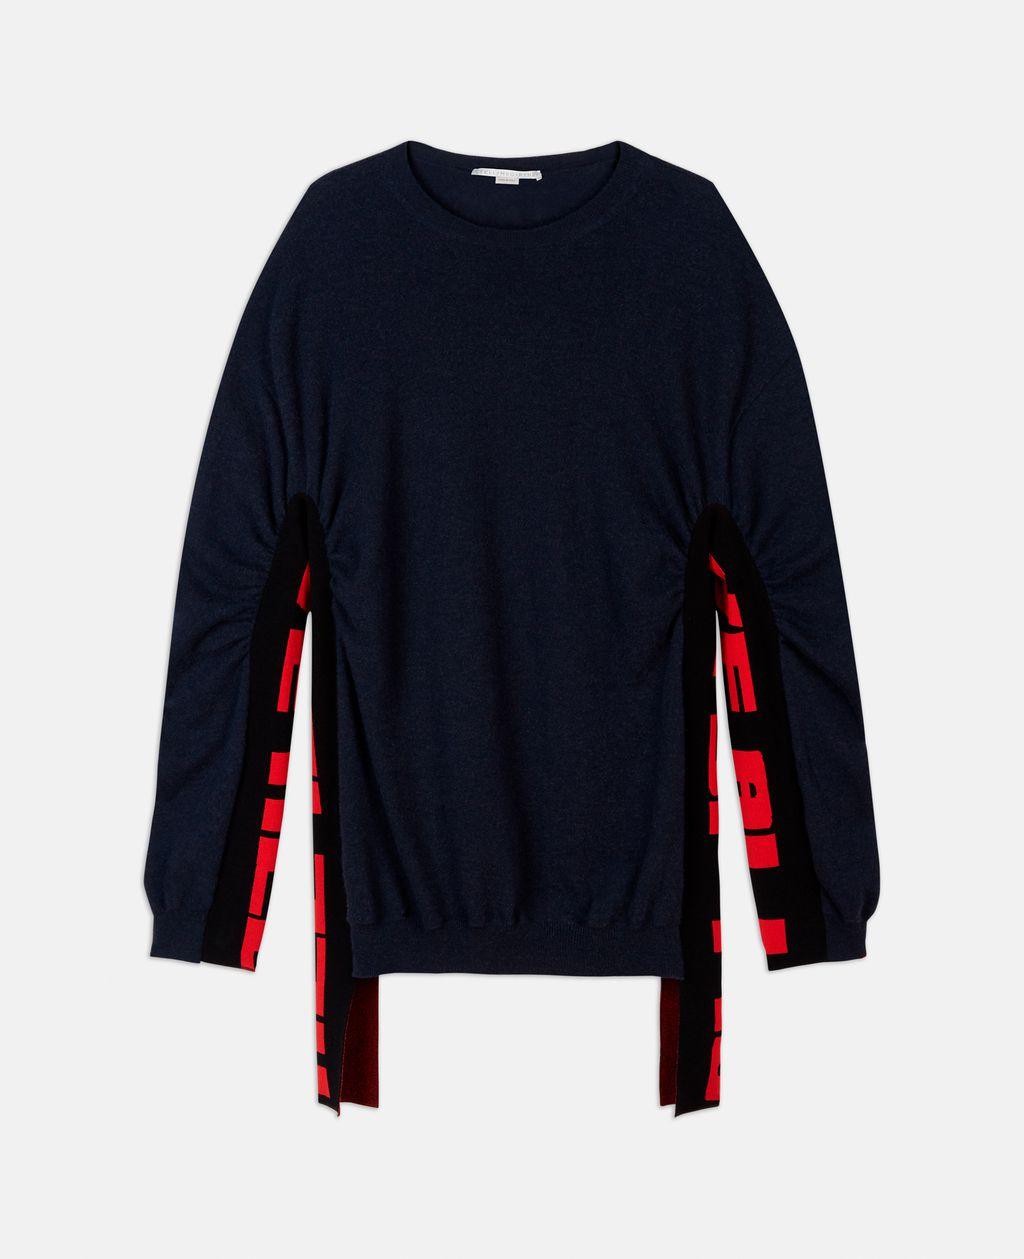 Women's Knitwear - Stella Mccartney - Fall Winter 17 18